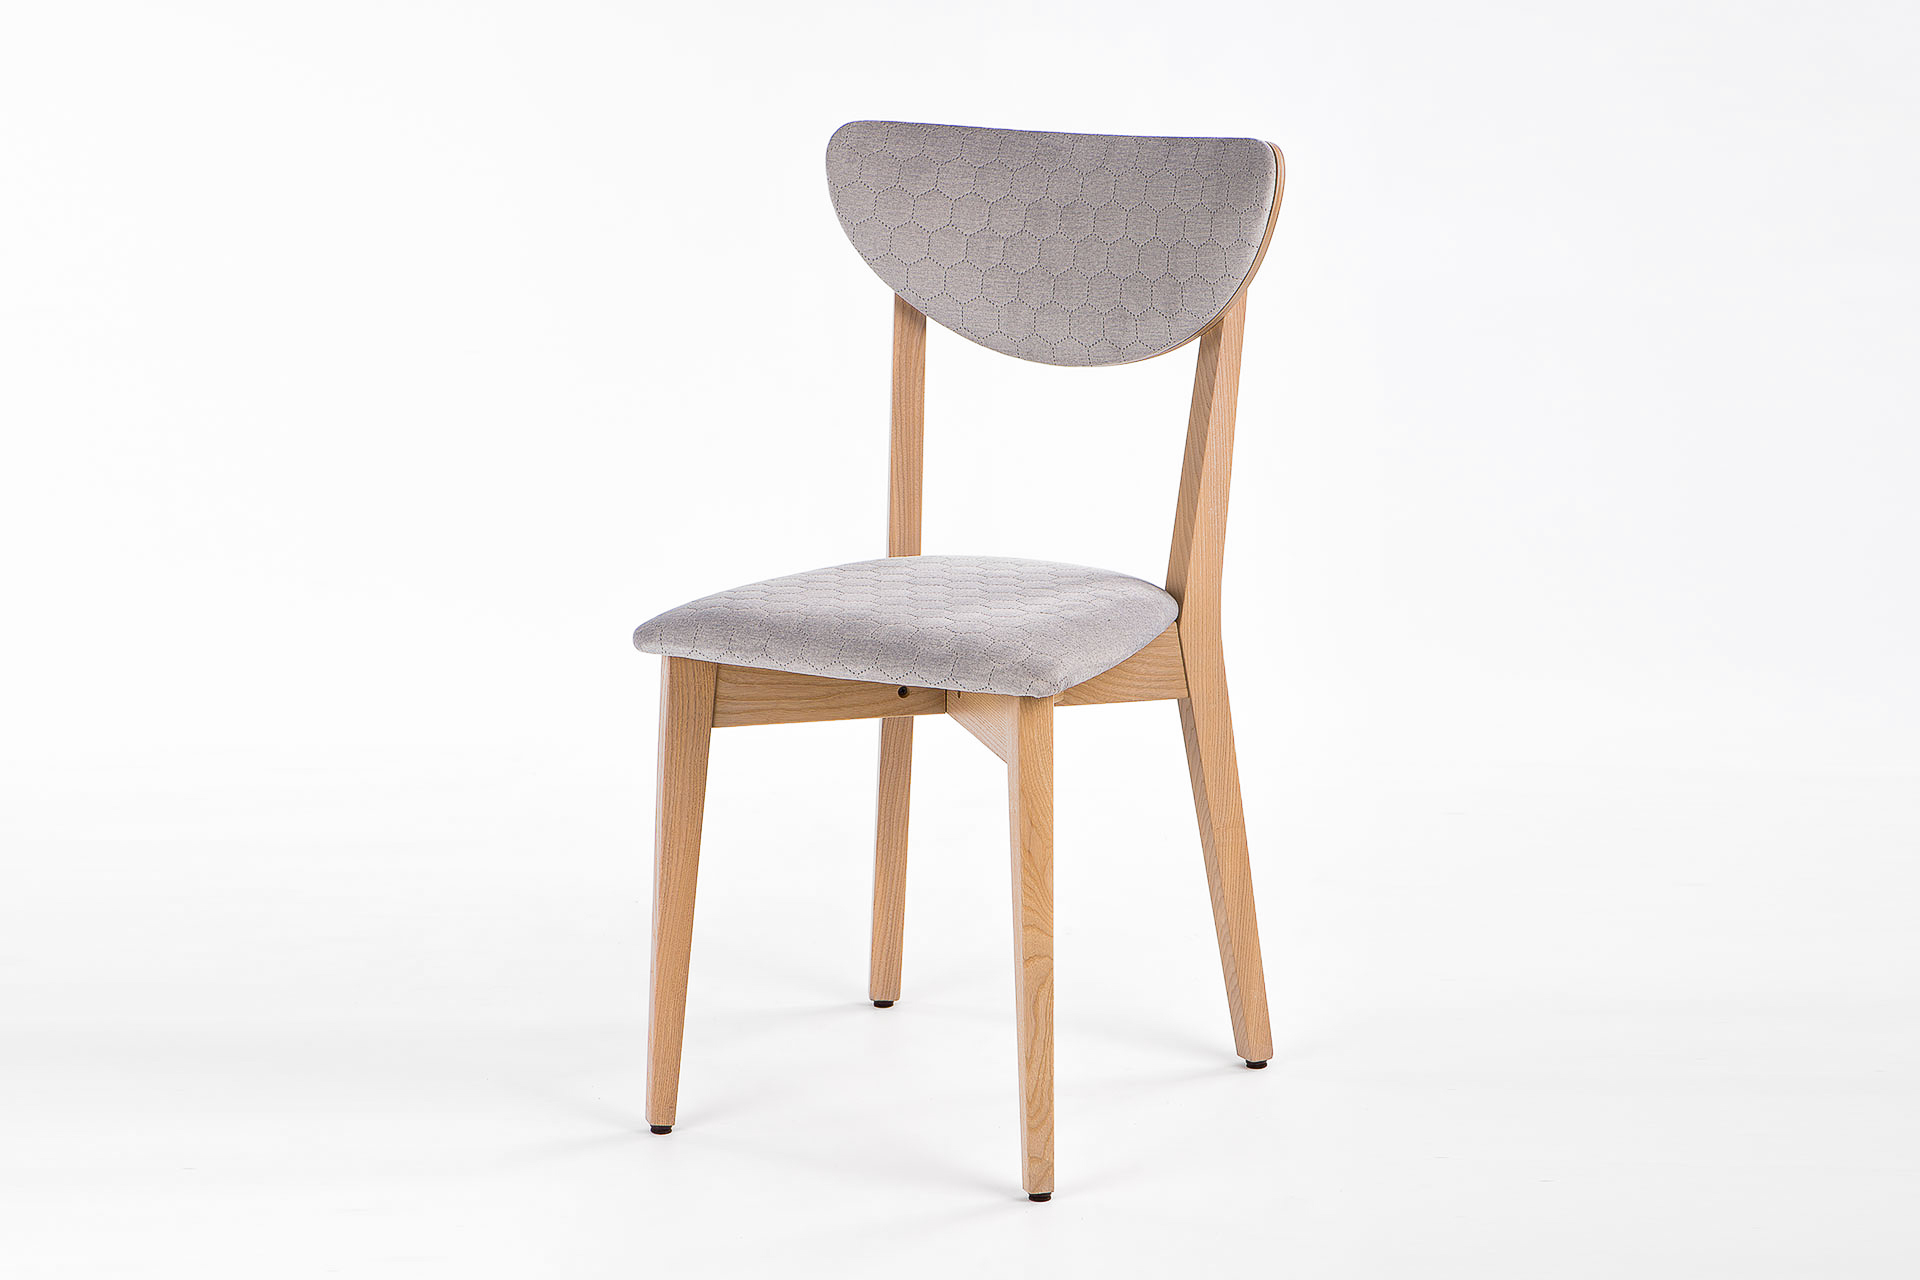 """Кухонний стілець """"S"""" з м'якою спинкою та сидінням, обивка з мікровелюру • OLEKSENKO Столи та Стільці •"""